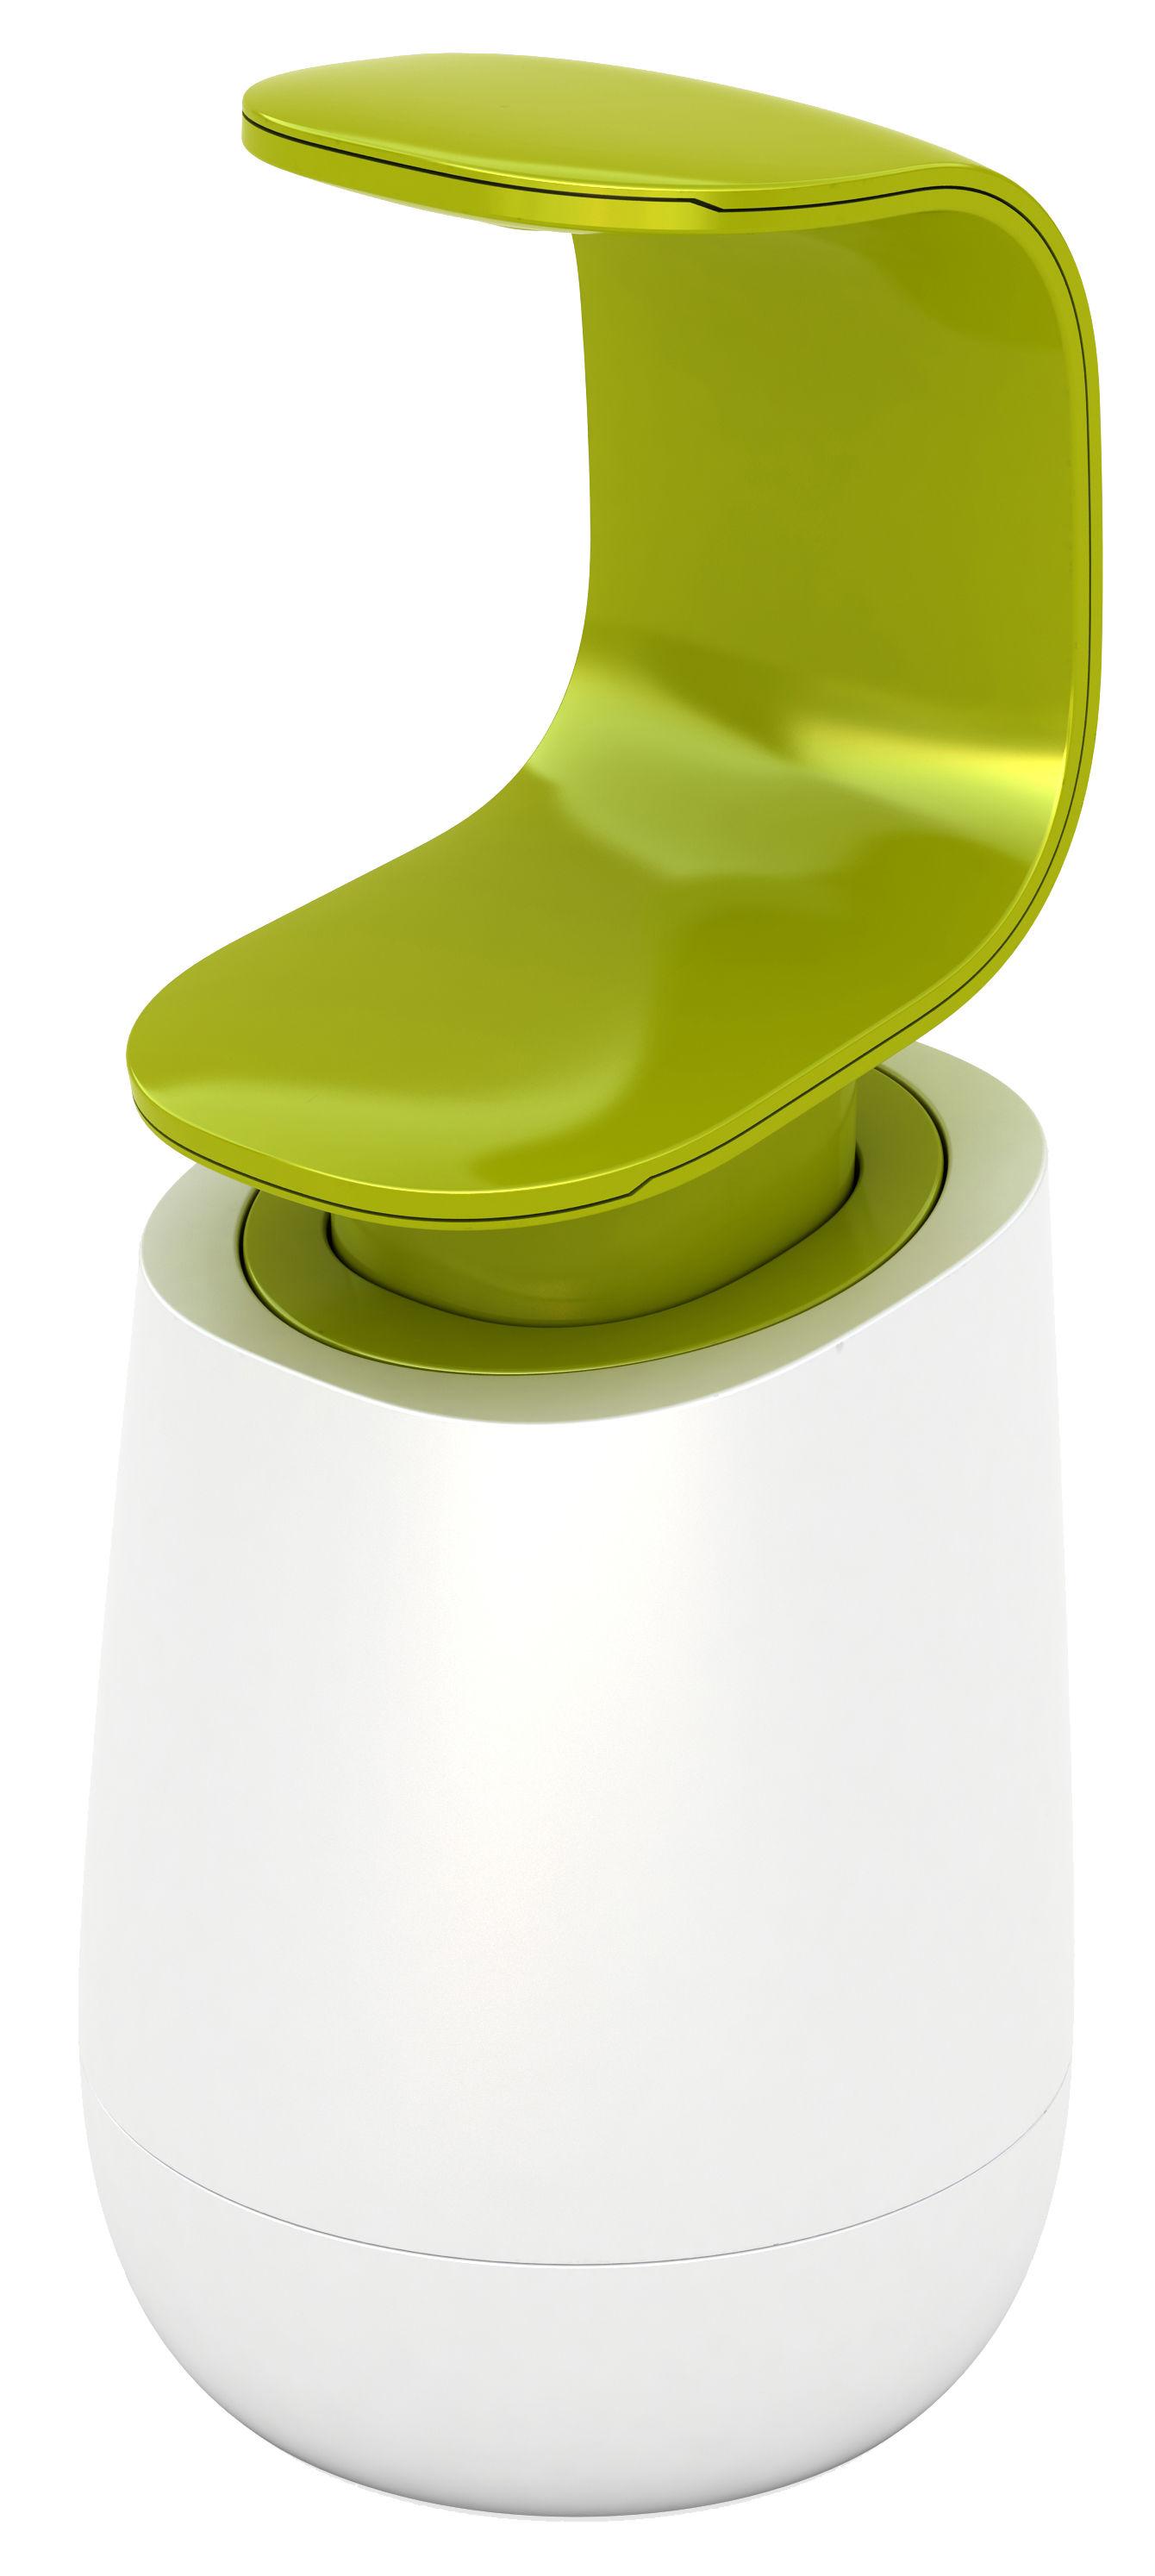 Accessoires - Accessoires salle de bains - Distributeur de savon C-Pump - Joseph Joseph - Blanc / Vert - ABS